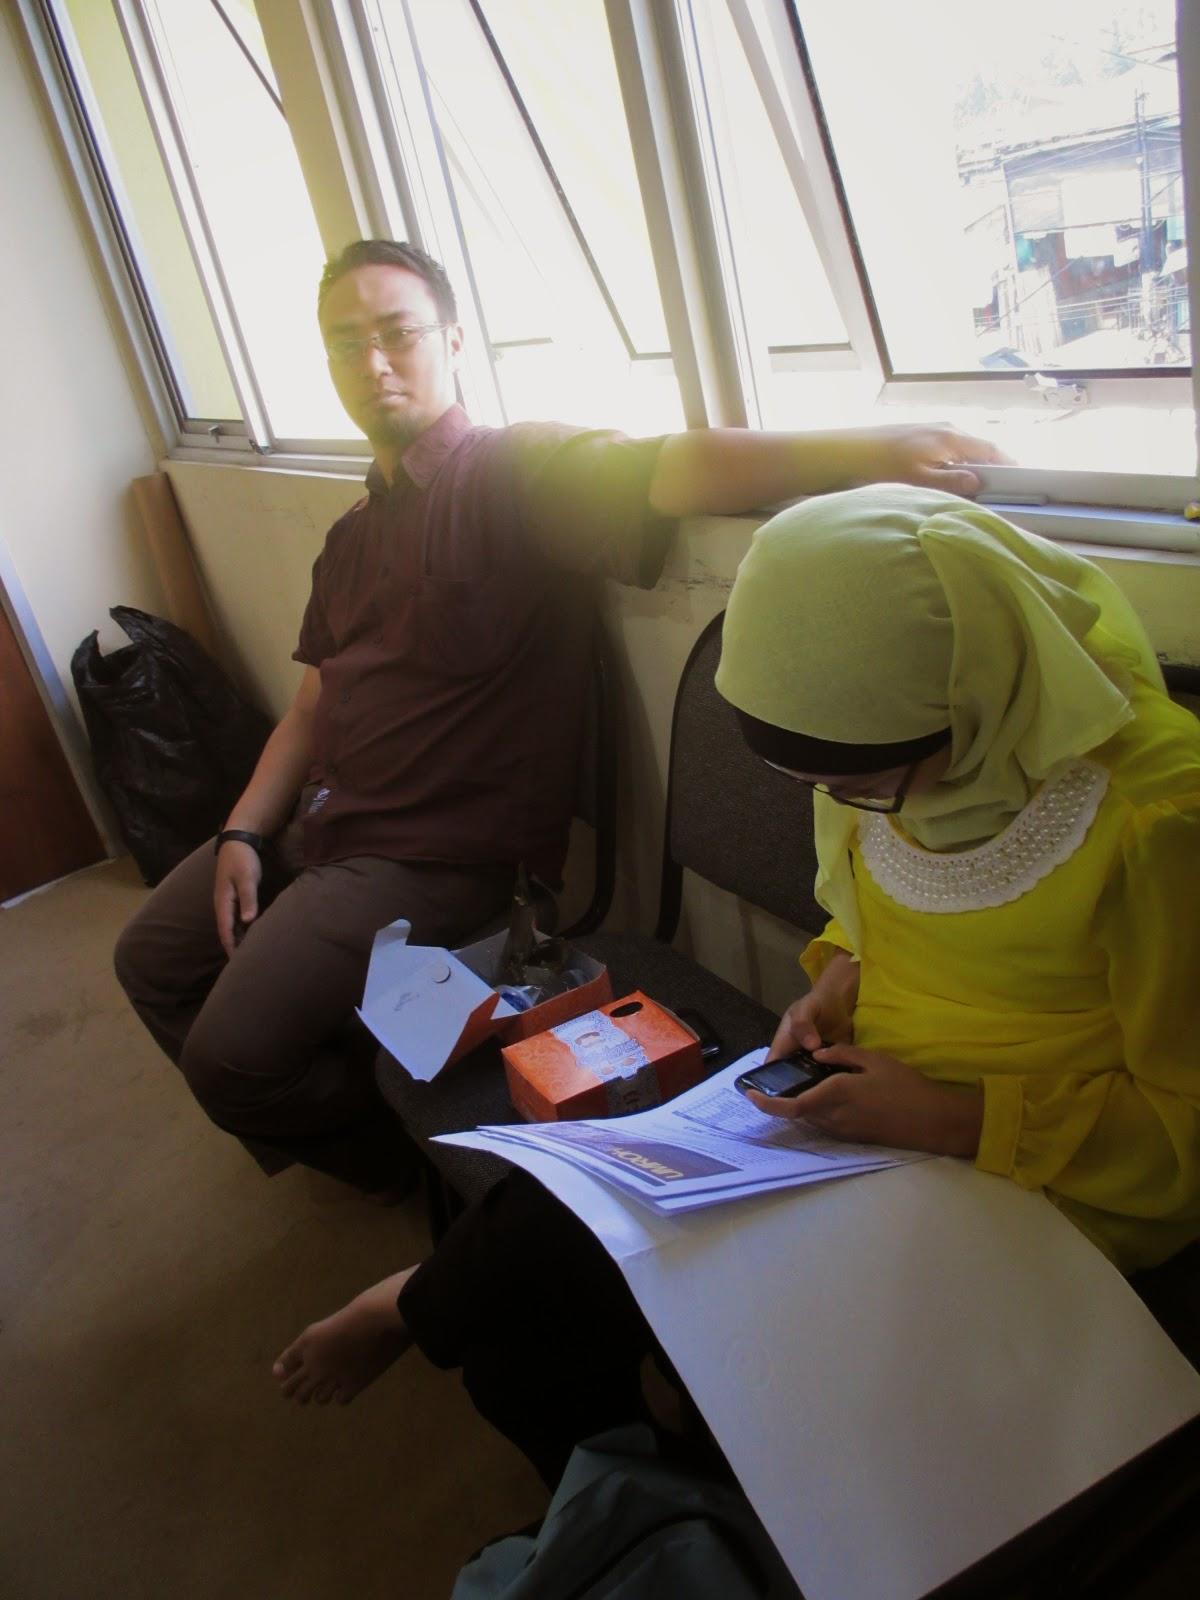 Travel Umroh di Jakarta Nyaman, Bagus, dan Terpercaya